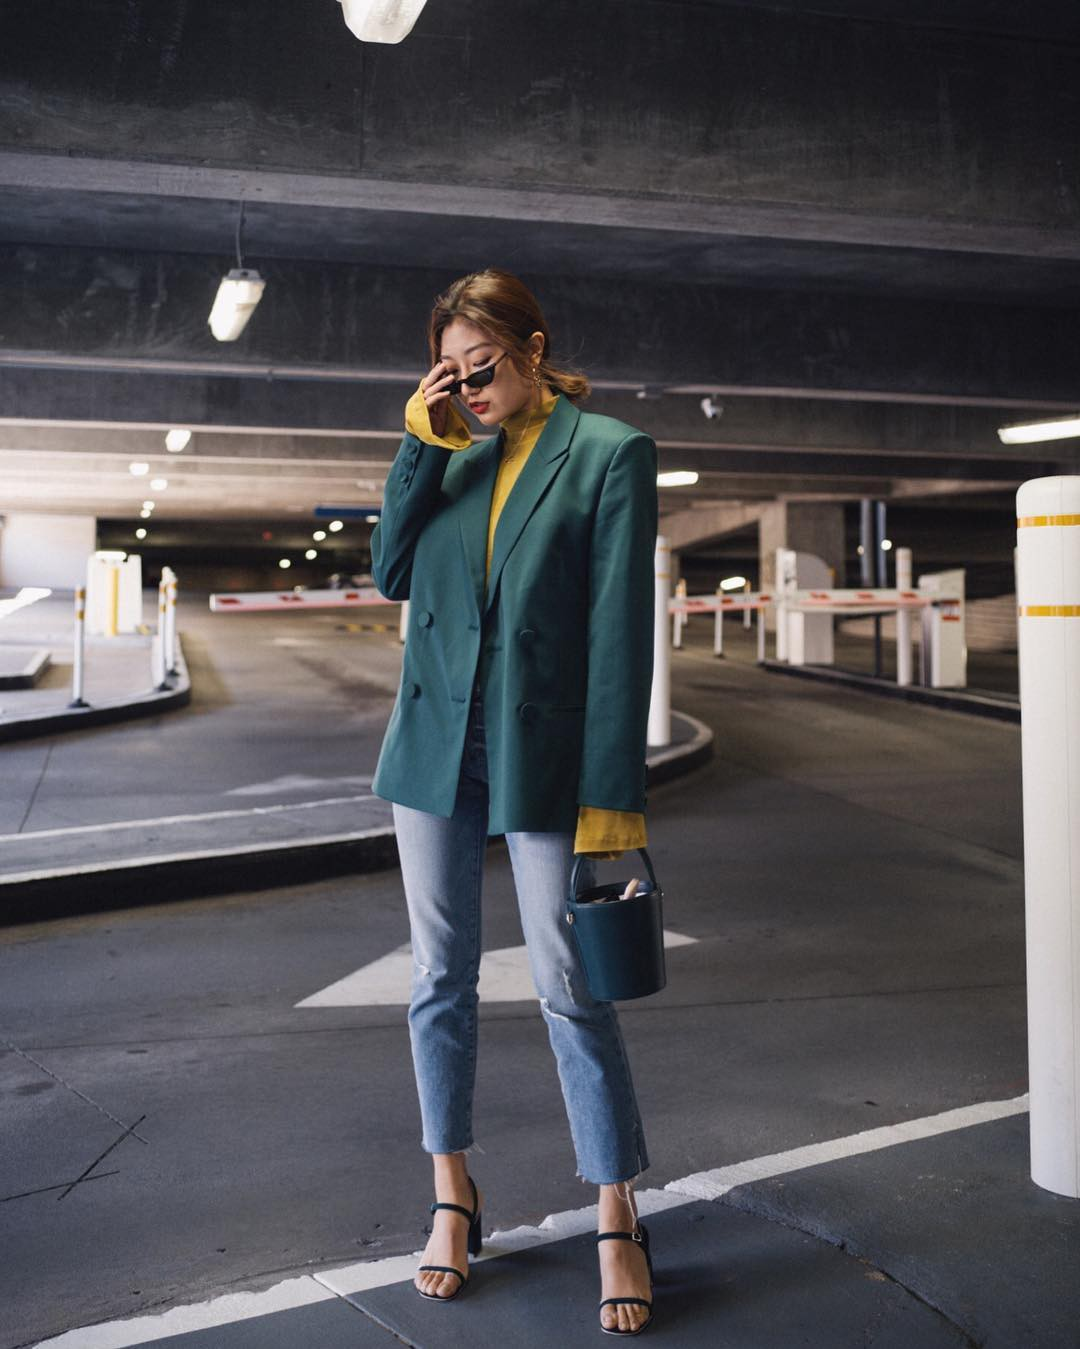 Blazer + Jeans: Nàng công sở tuổi 30+ sẽ chẳng bao giờ mặc xấu nếu biết thêm cách kết hợp giày dép này 1